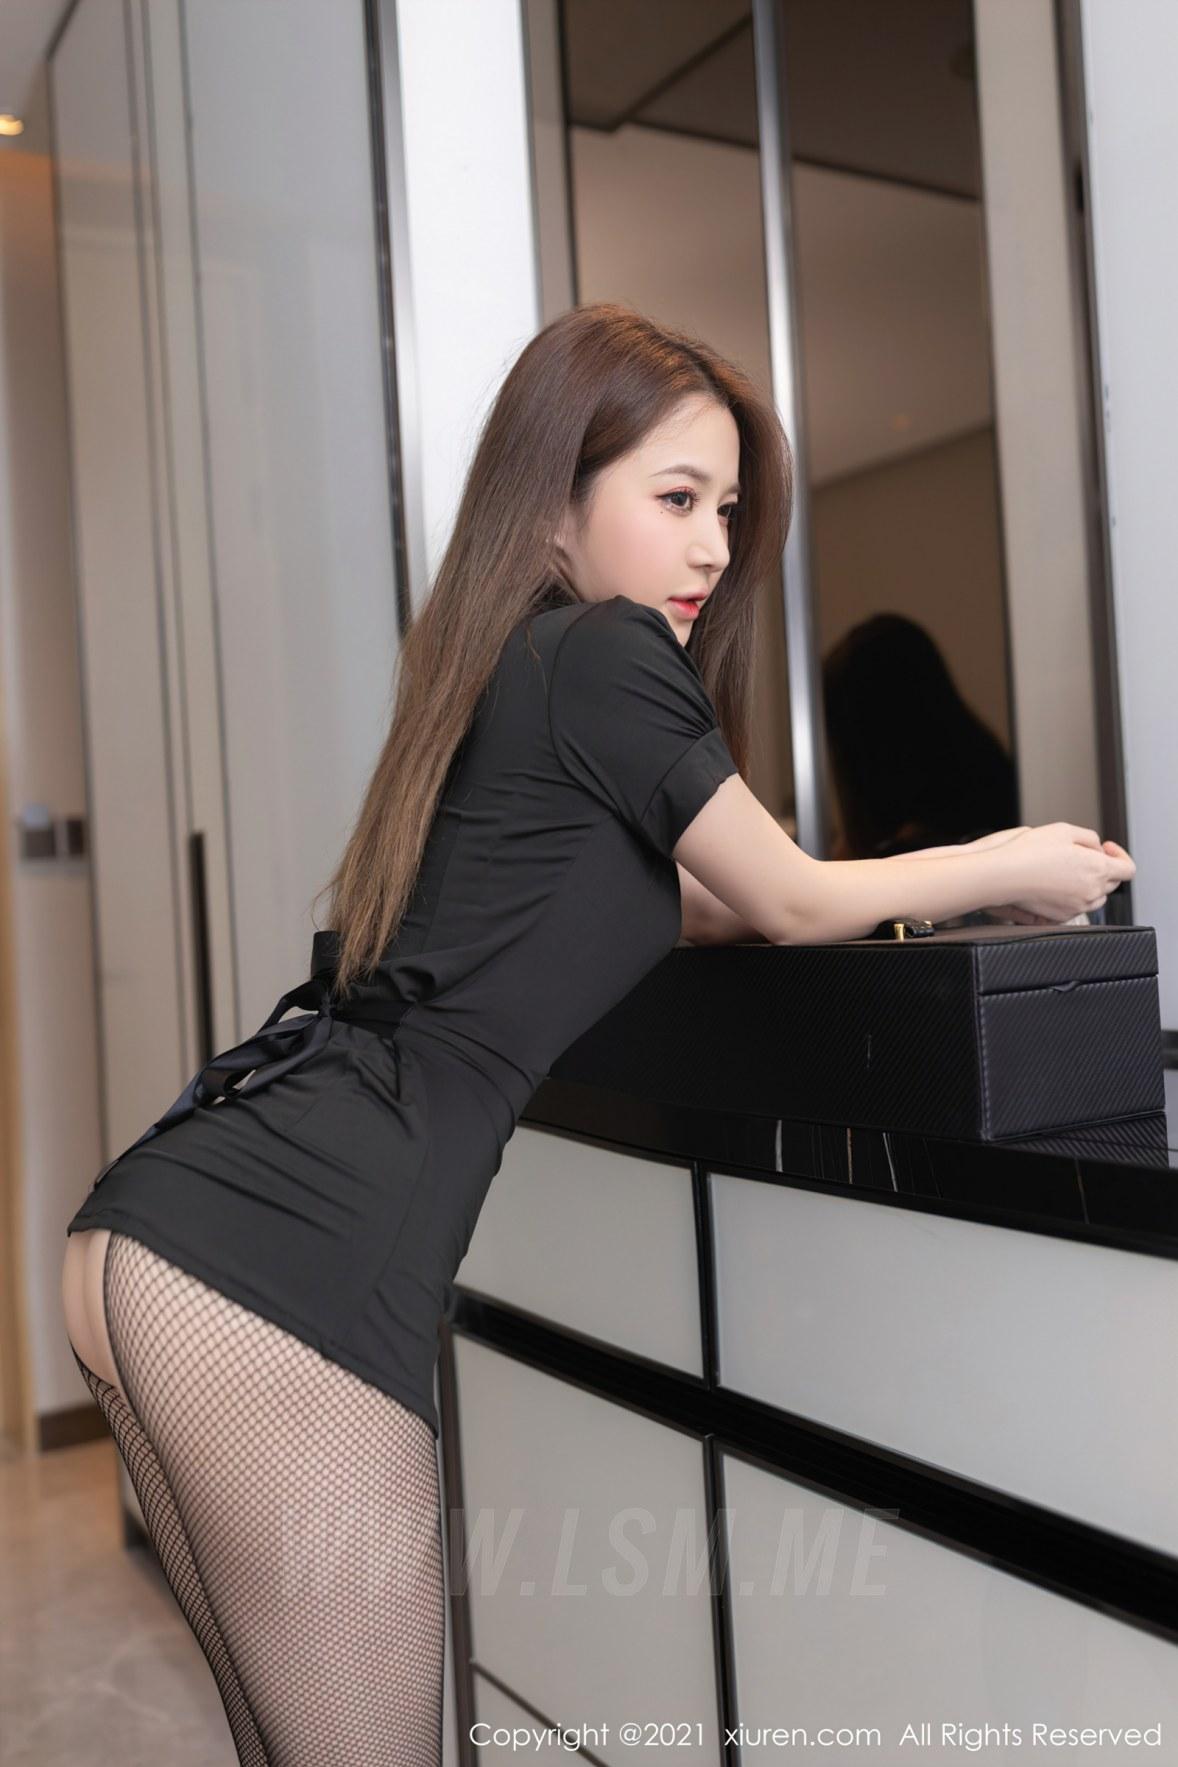 XiuRen 秀人 No.3865 暗黑女王护士主题 鱼子酱Fish 性感写真1 - 2